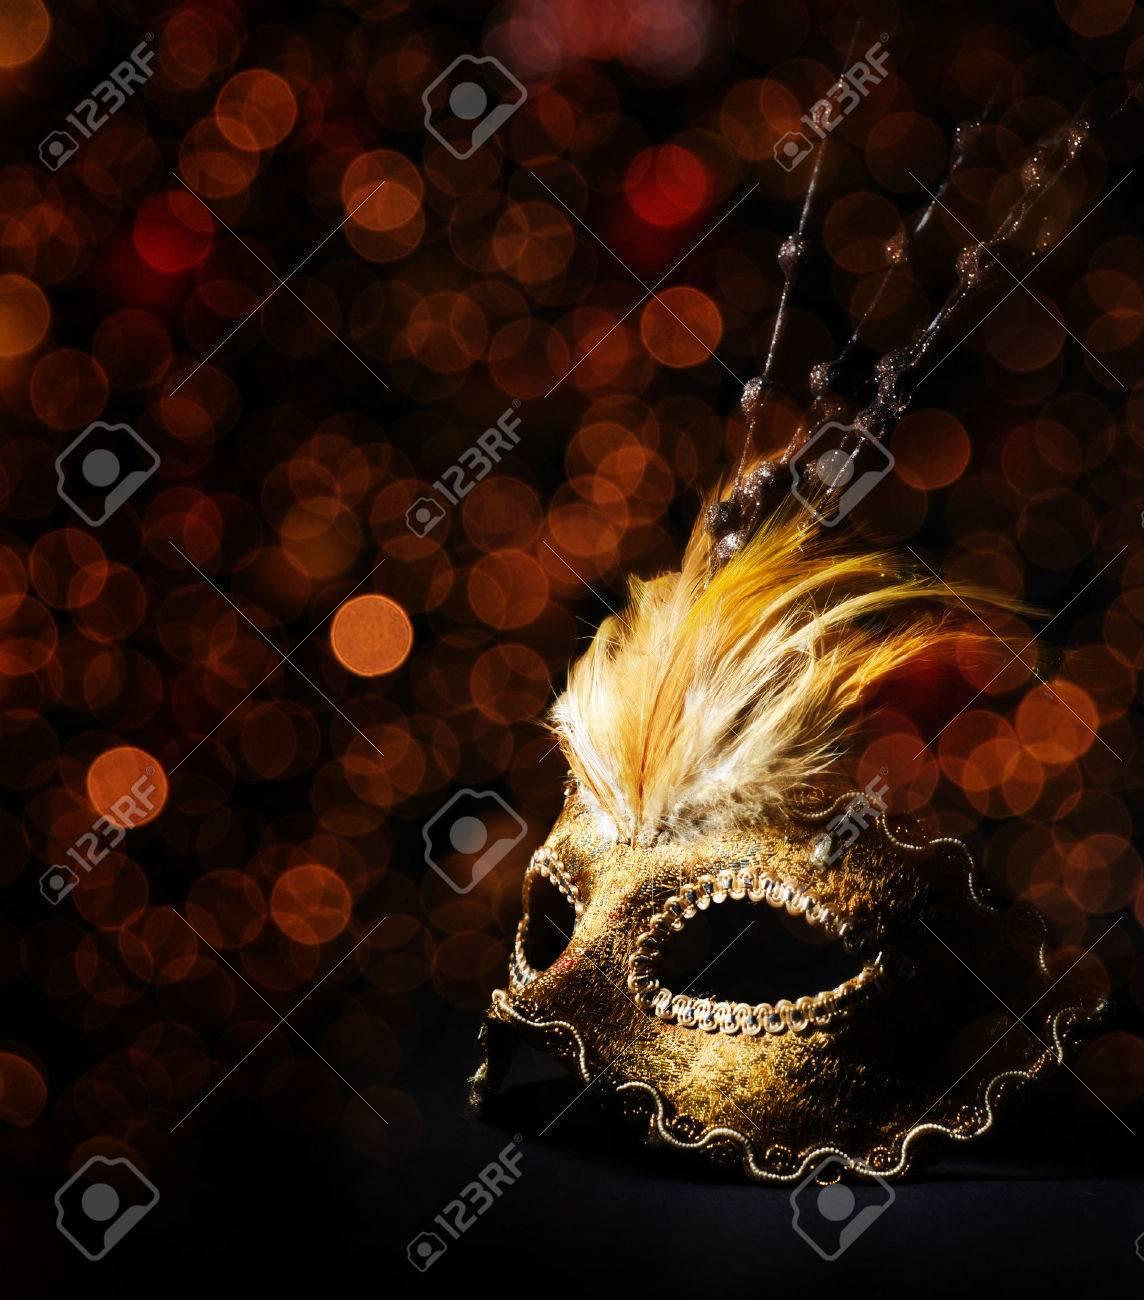 Golden venetian mask over black background - 27742201